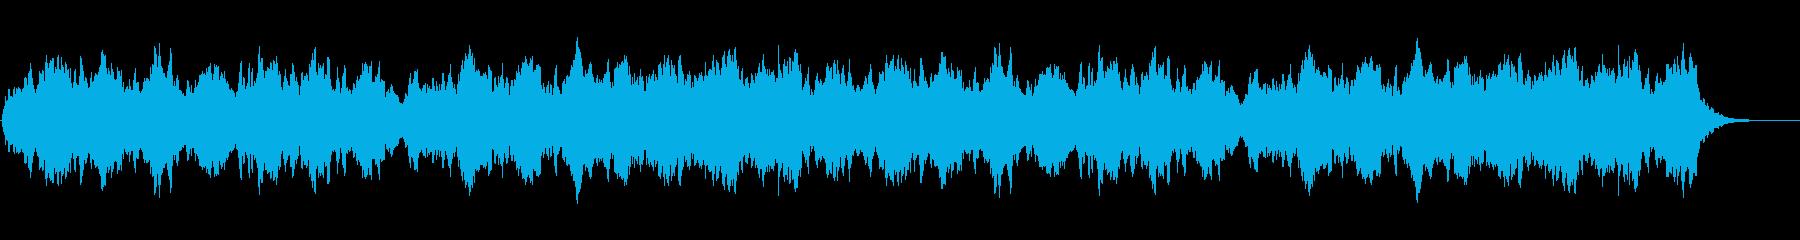 最終章の再生済みの波形